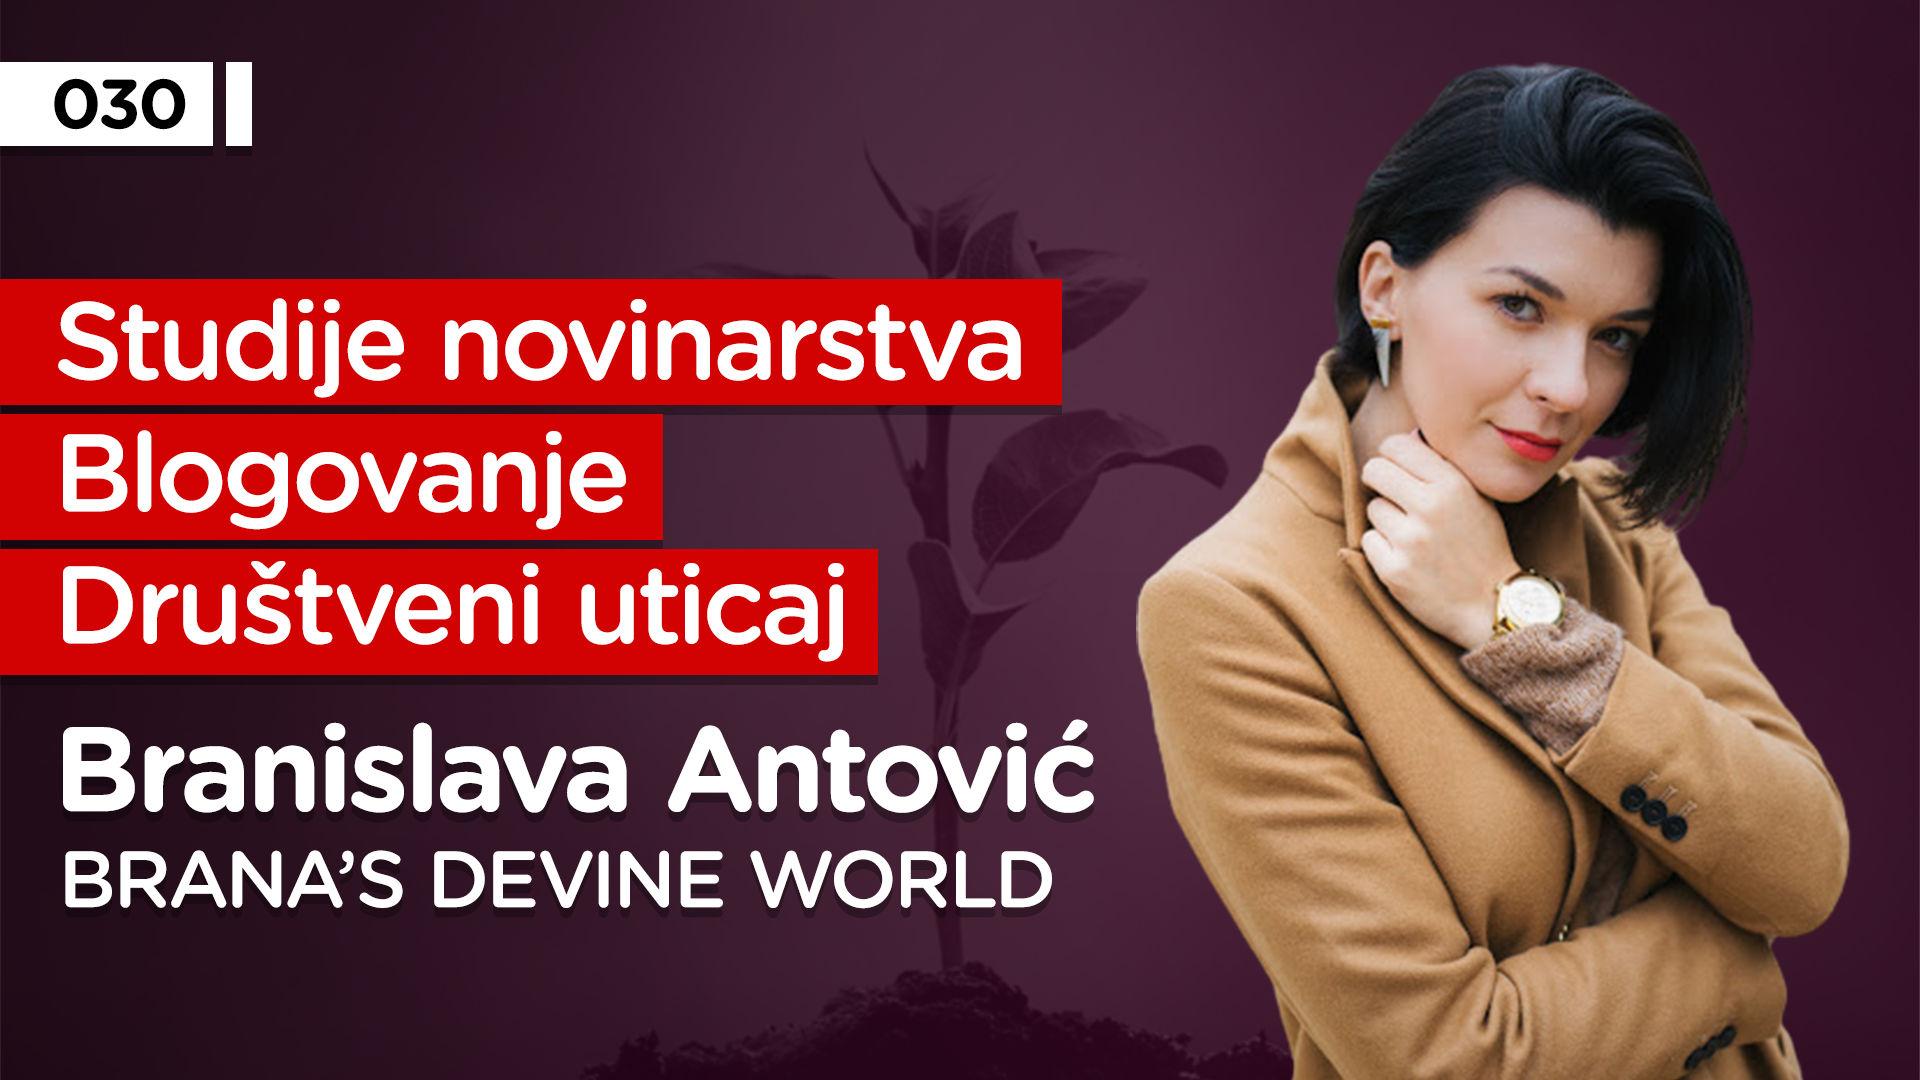 EP030: Branislava Antović